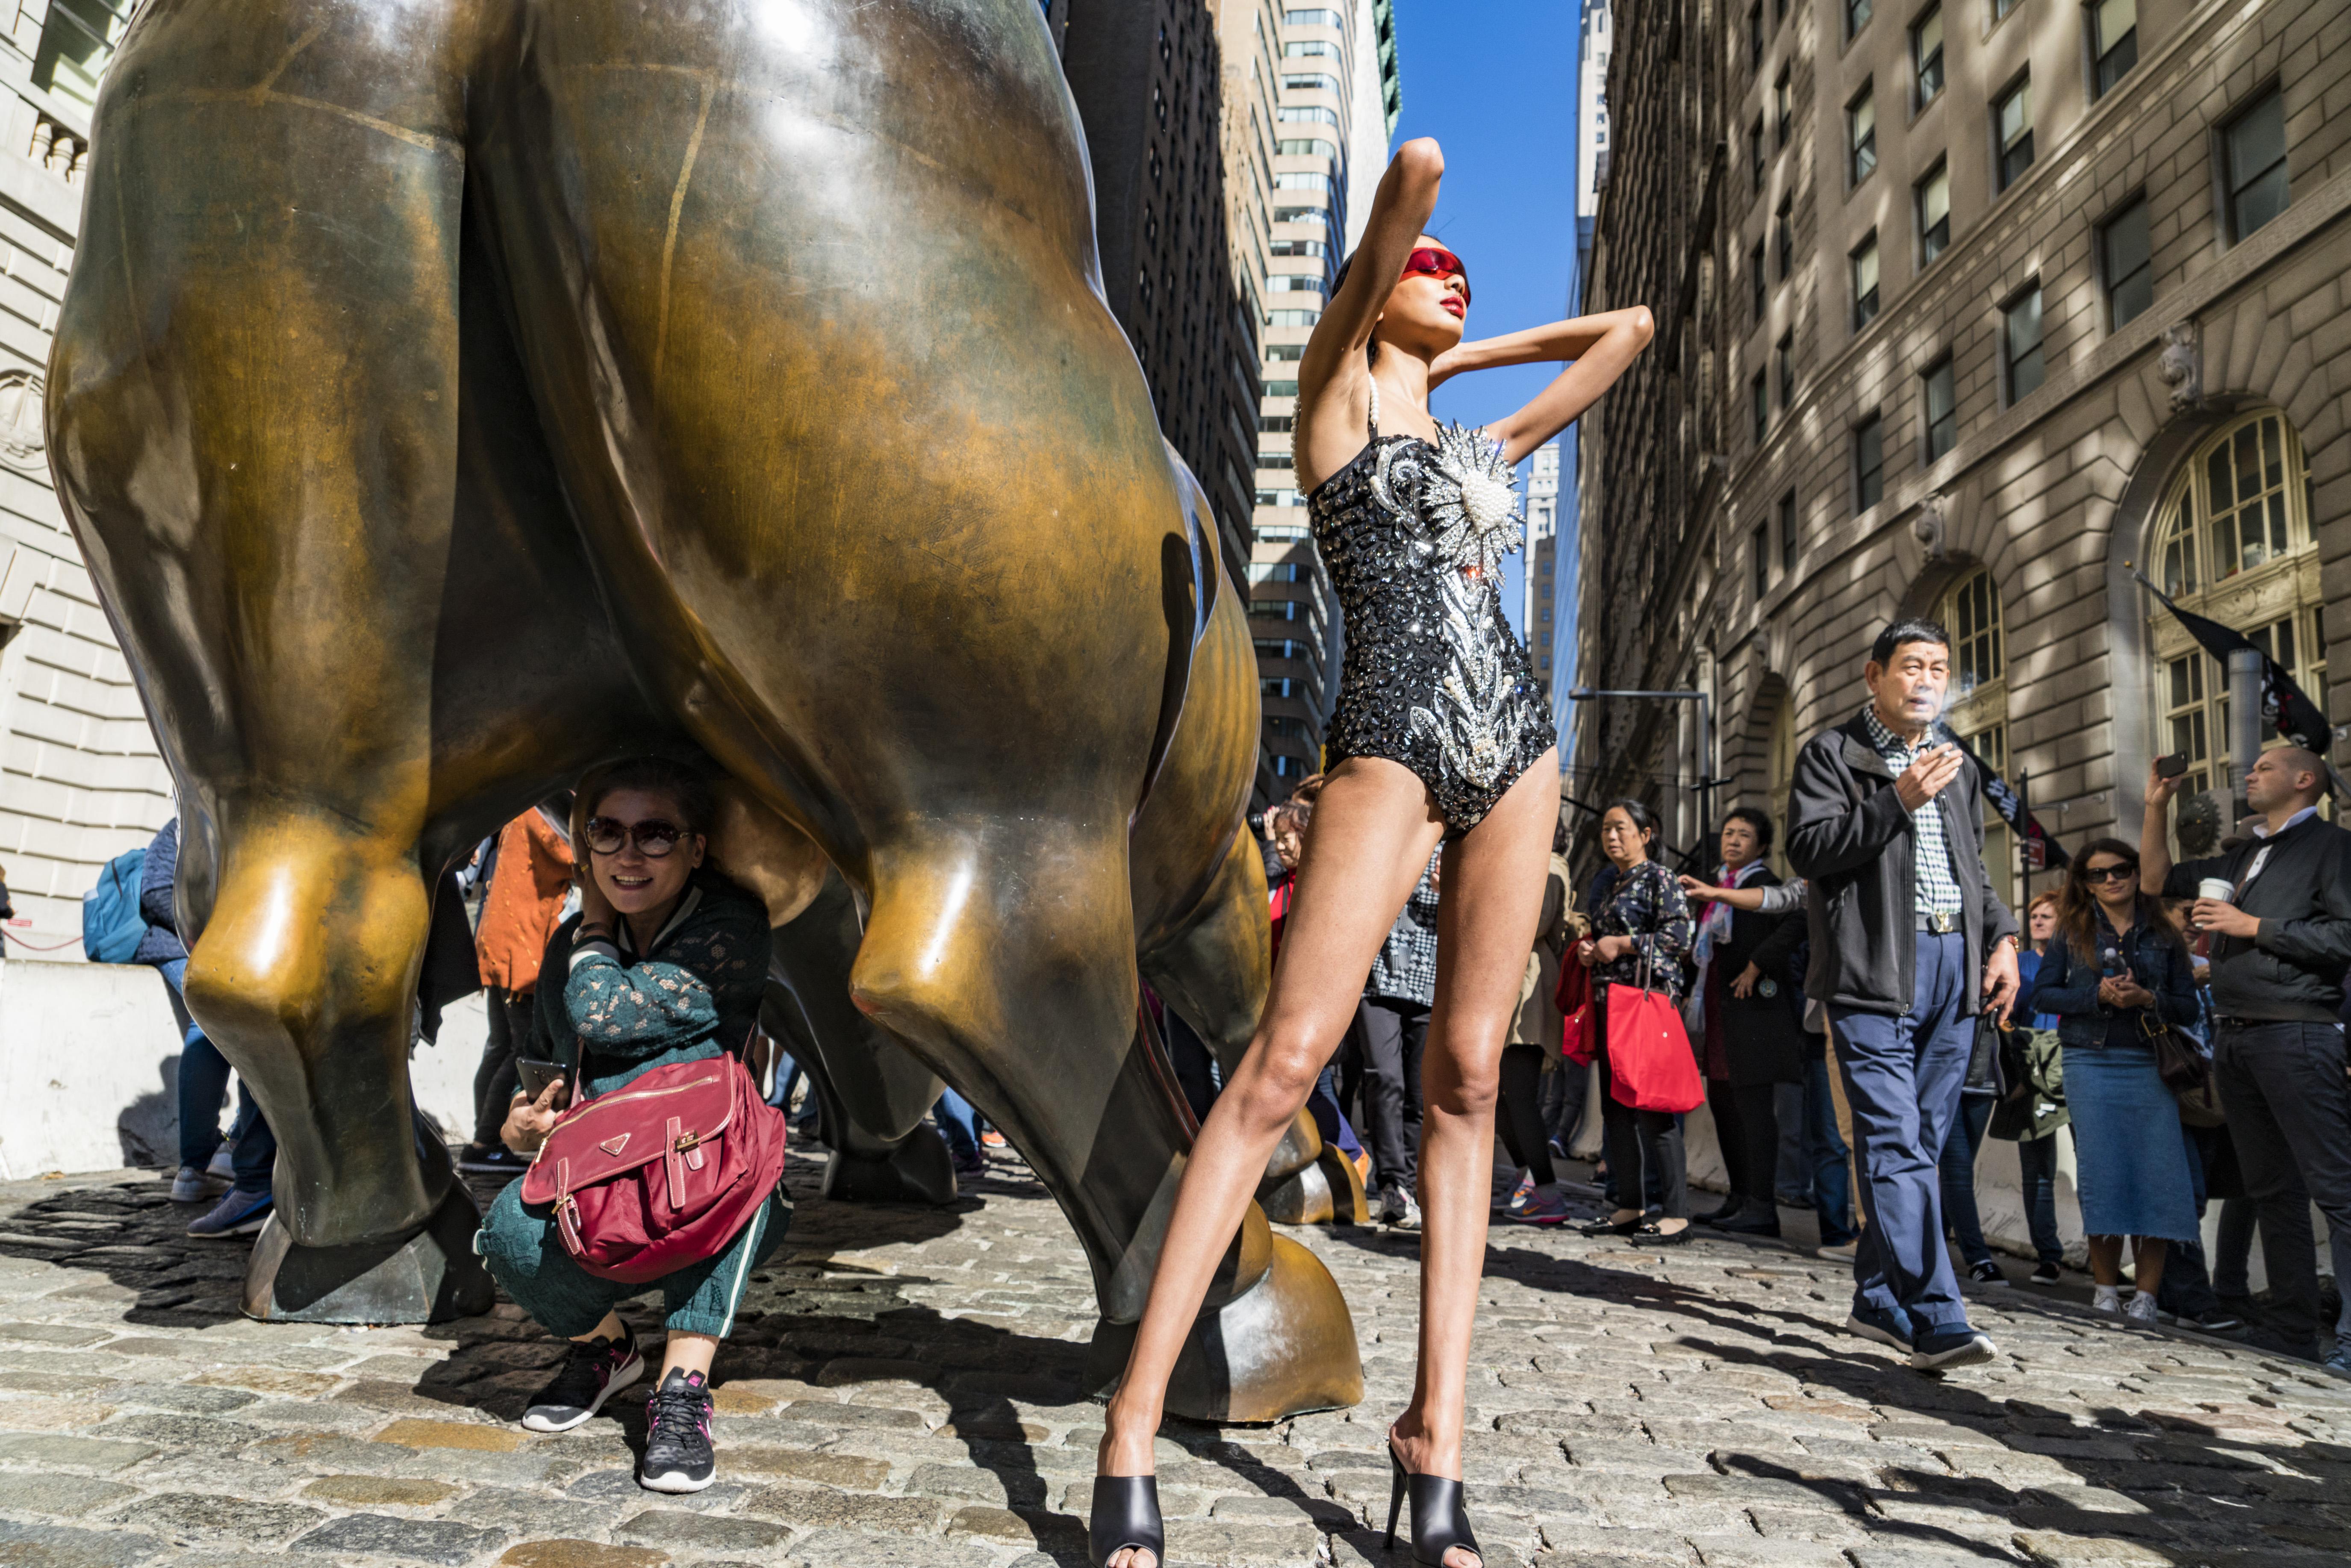 hk_c_E274544 華爾街銅牛旁的時裝模特。美國紐約曼哈頓區。 於志新  CTPphoto.jpg